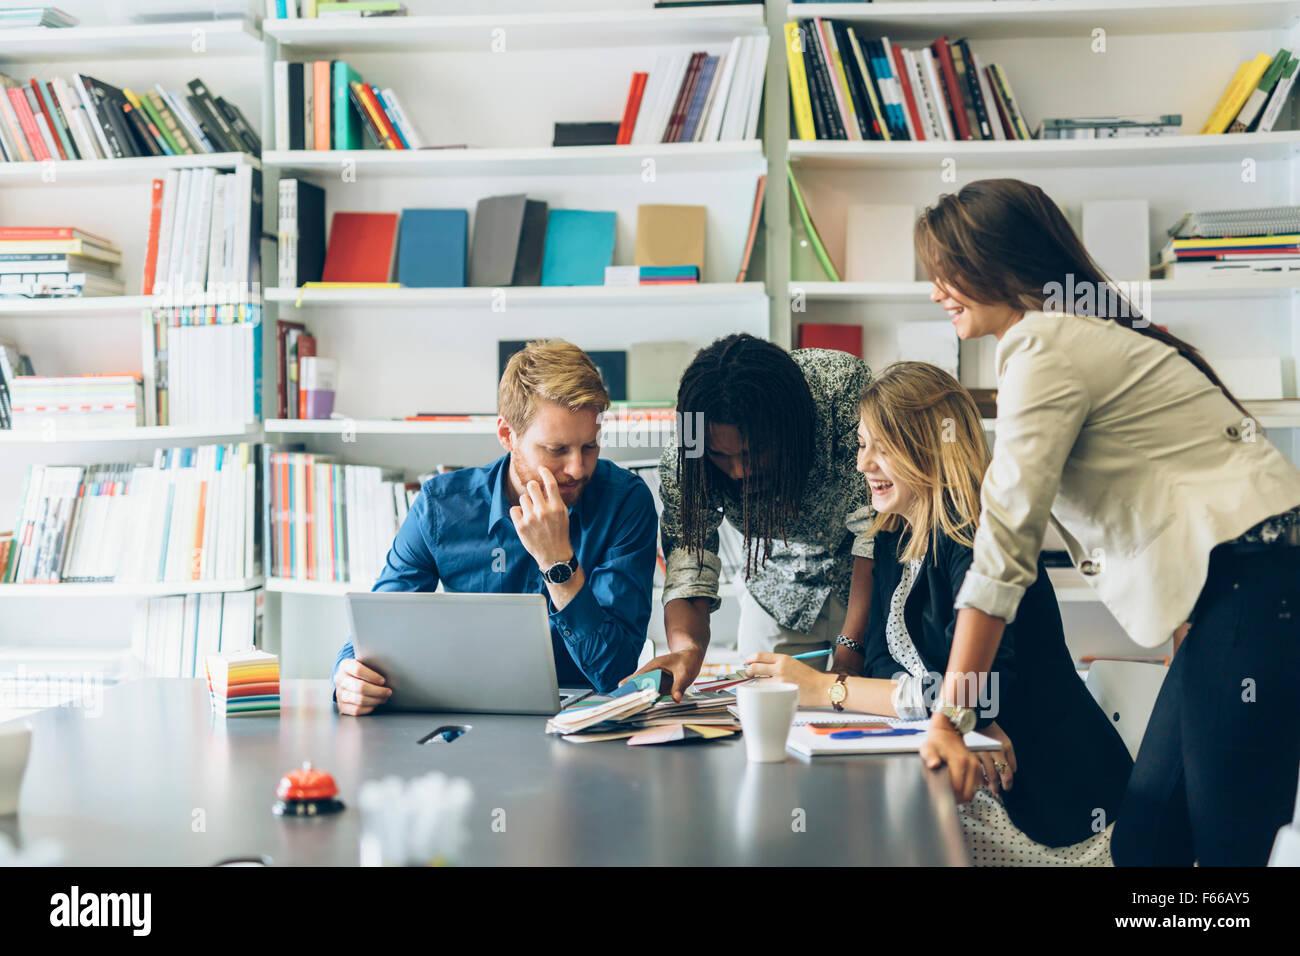 Brainstorming-Veranstaltung zwischen Kollegen bei der Arbeit im Büro Stockbild